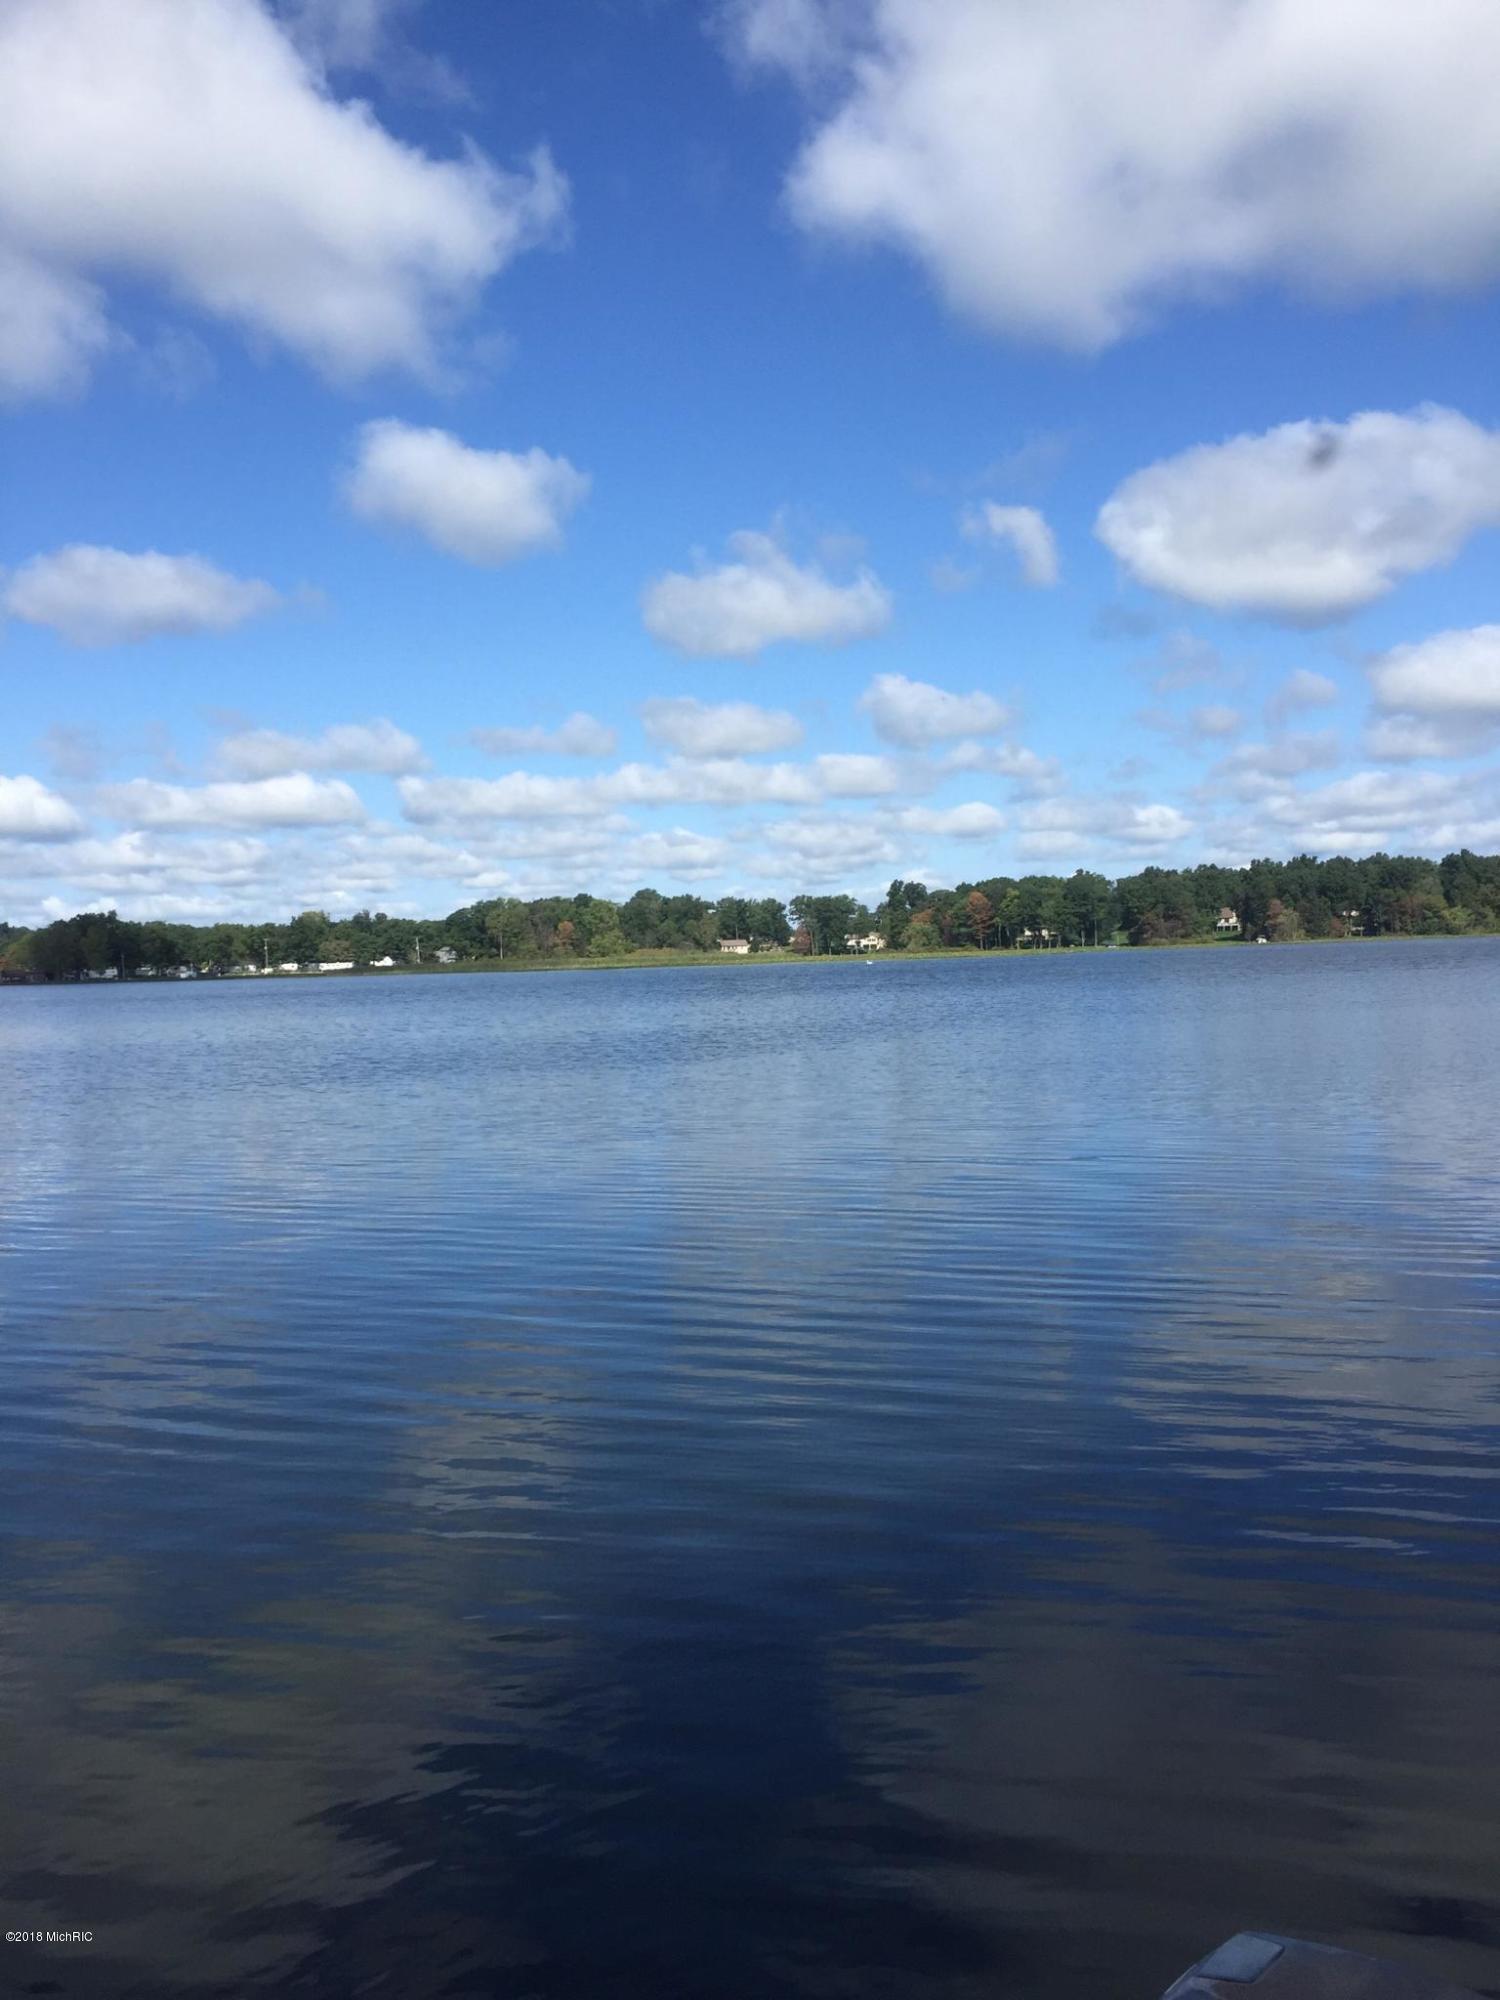 11032 E Shore , Delton, MI 49046 Photo 6